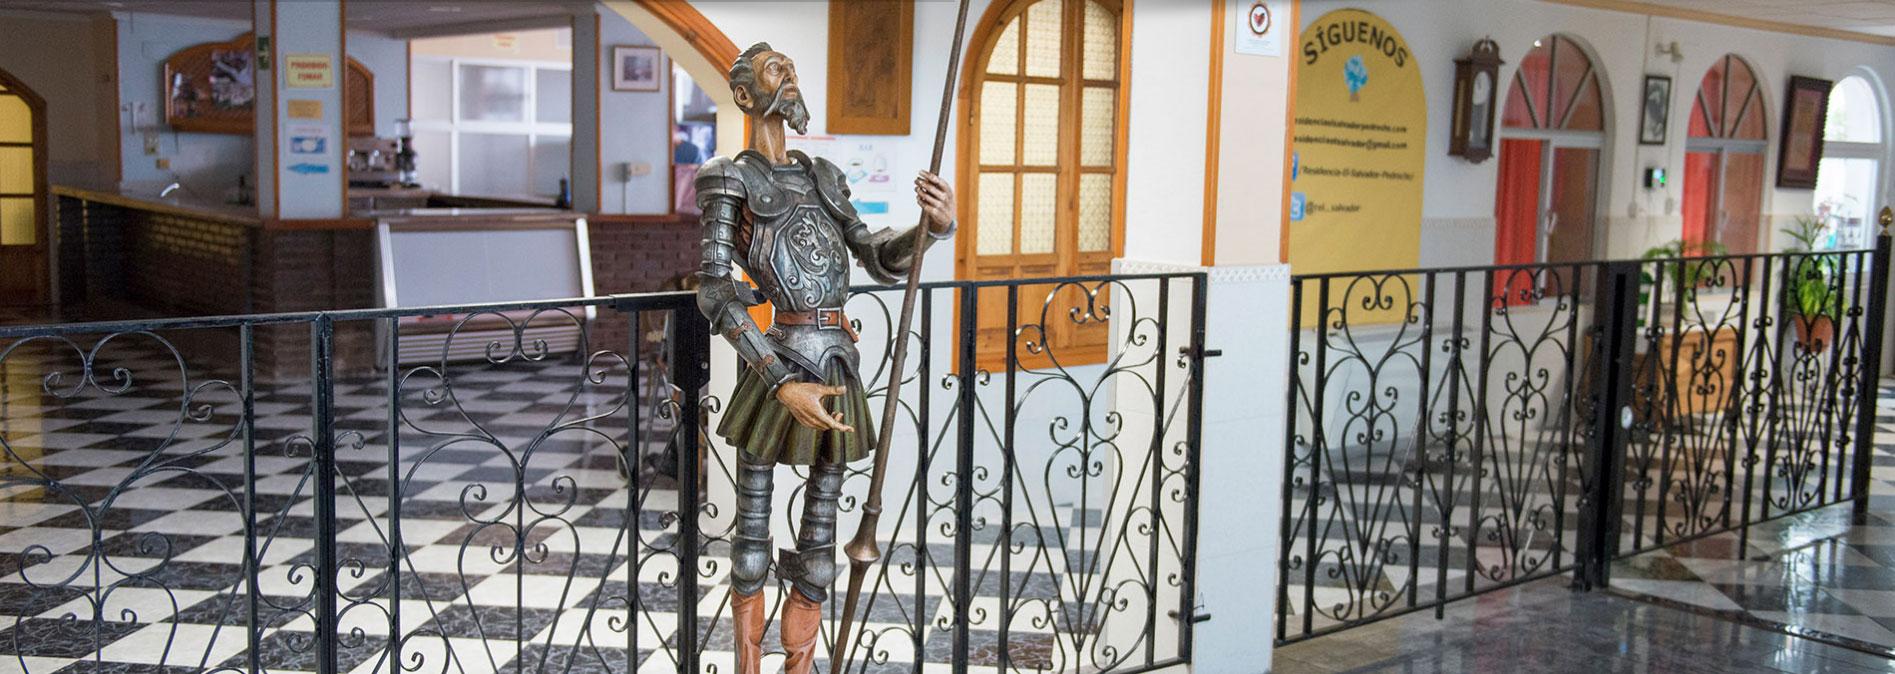 """Residencia de Mayores """"El Salvador"""" - Pedroche, Córdoba"""